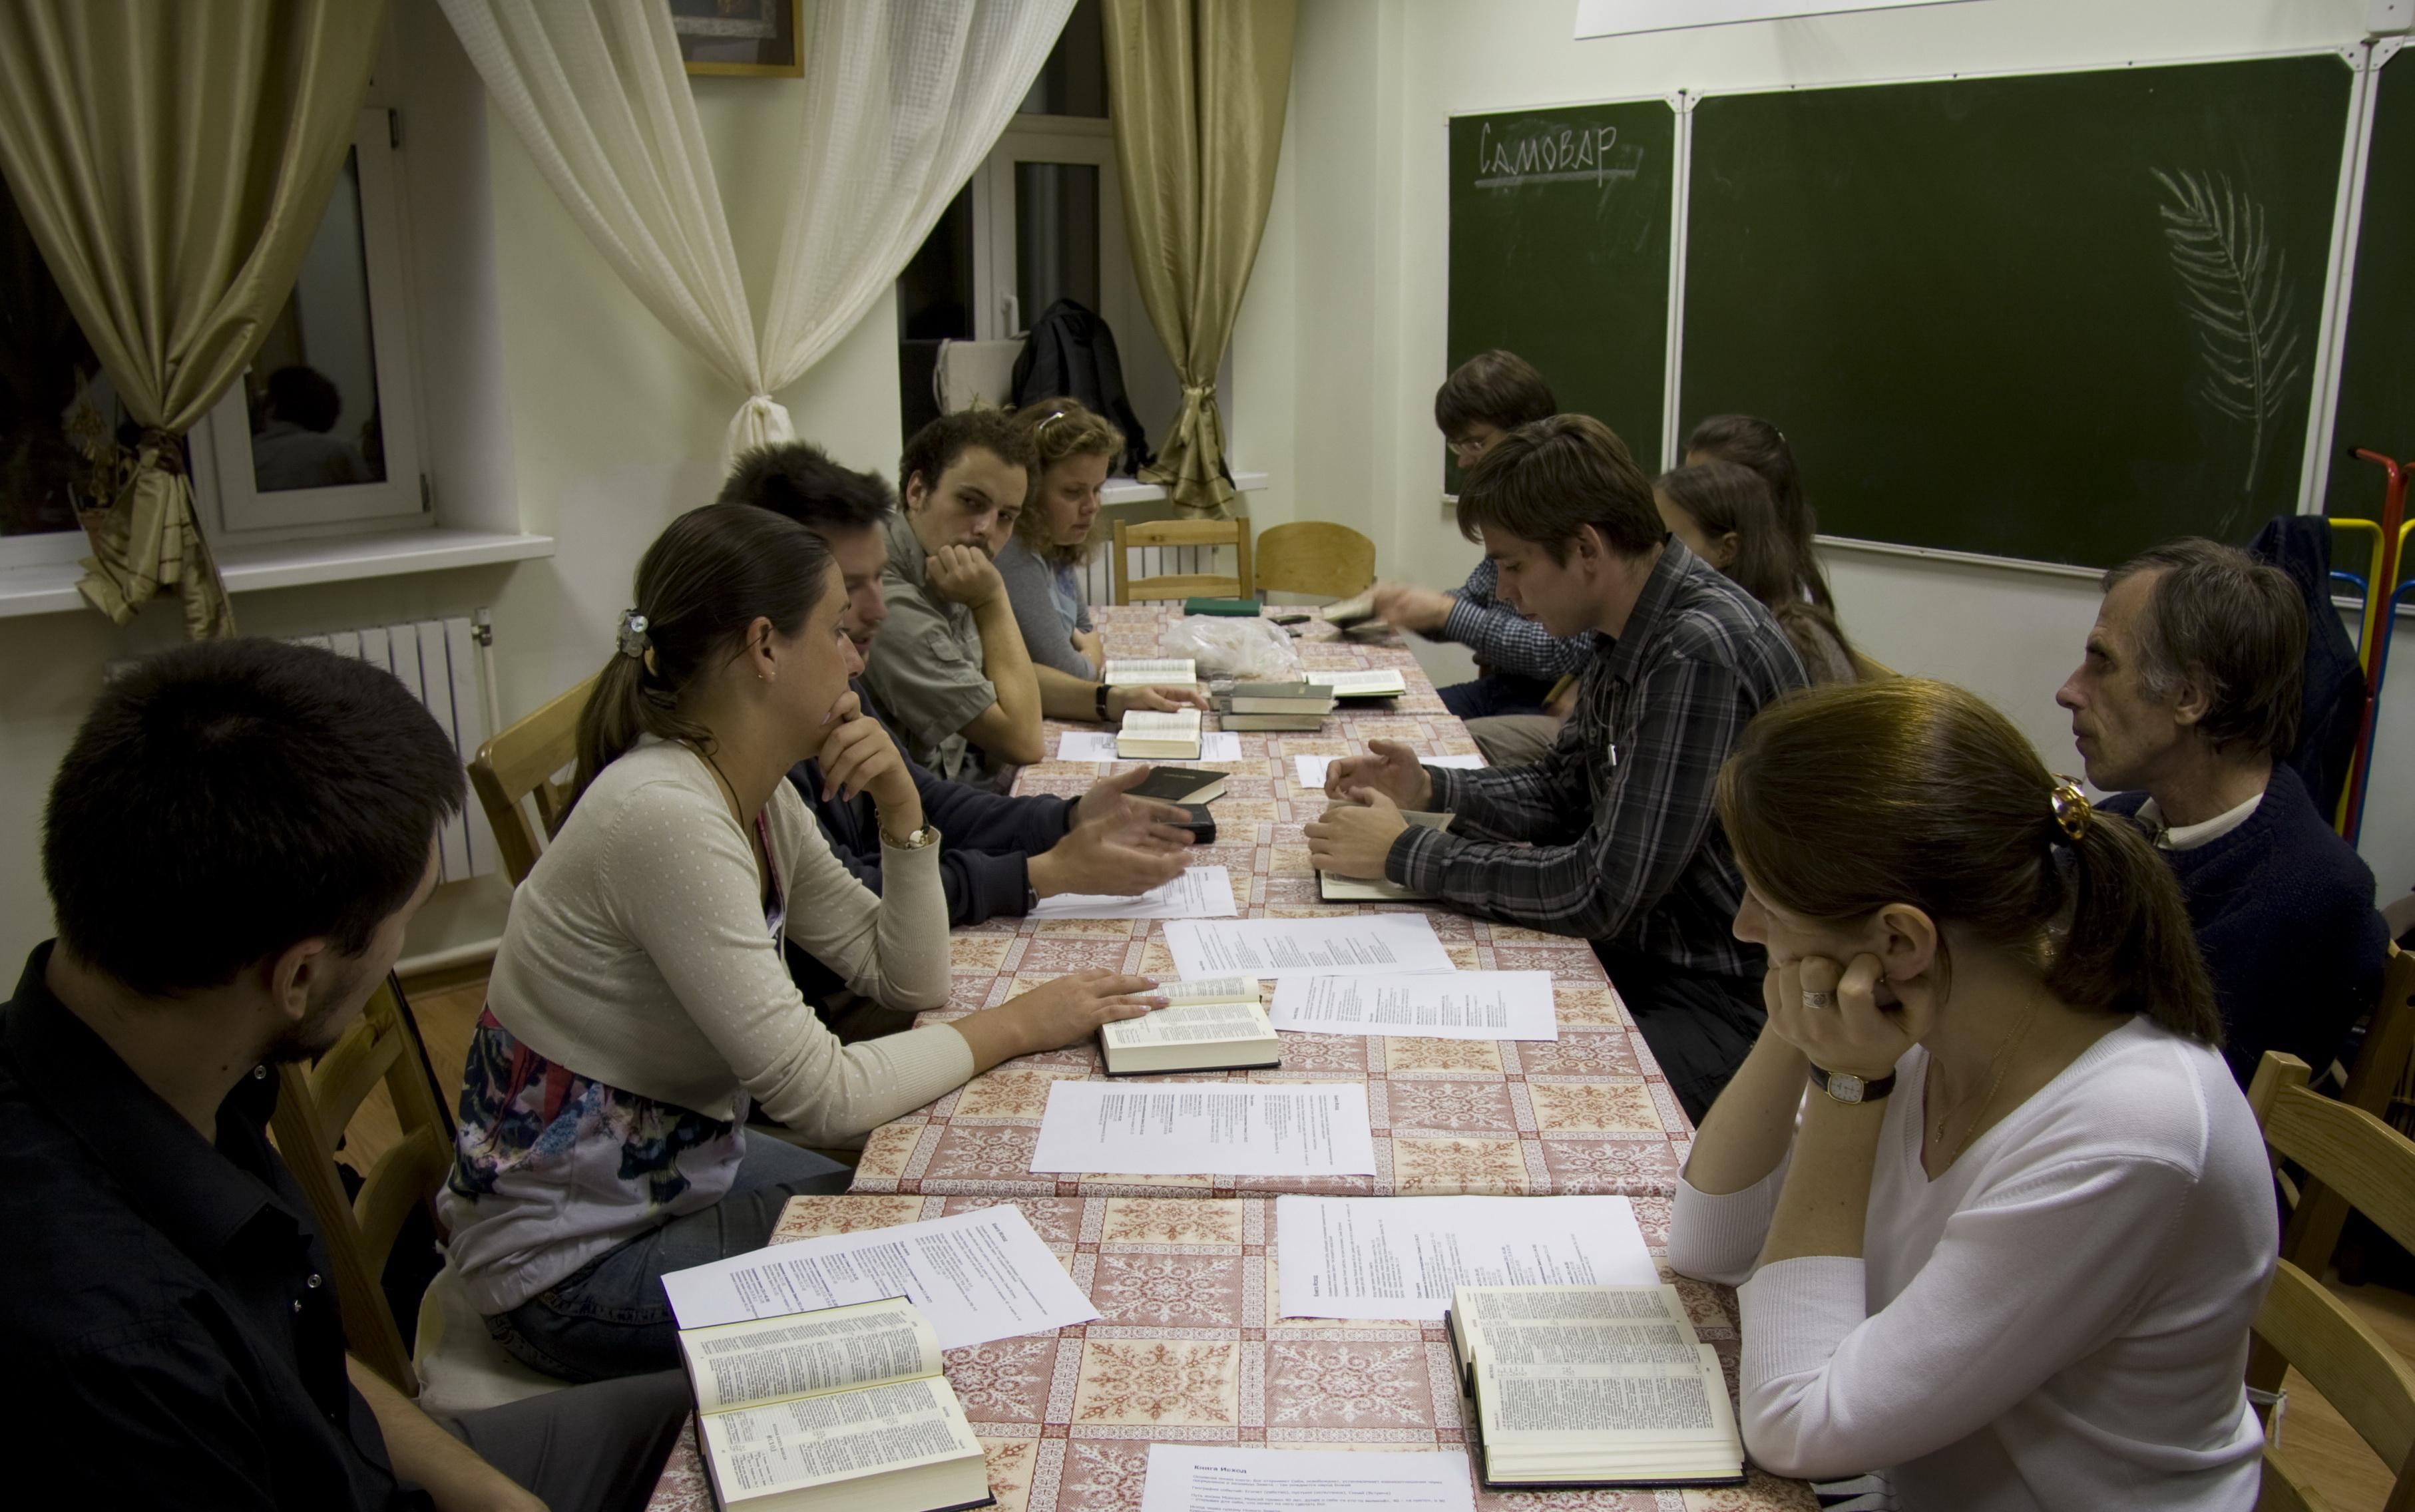 В.Стрелов. О чтении Писания в группе. Доклад на лагере «Федоровский городок» в 2006 году